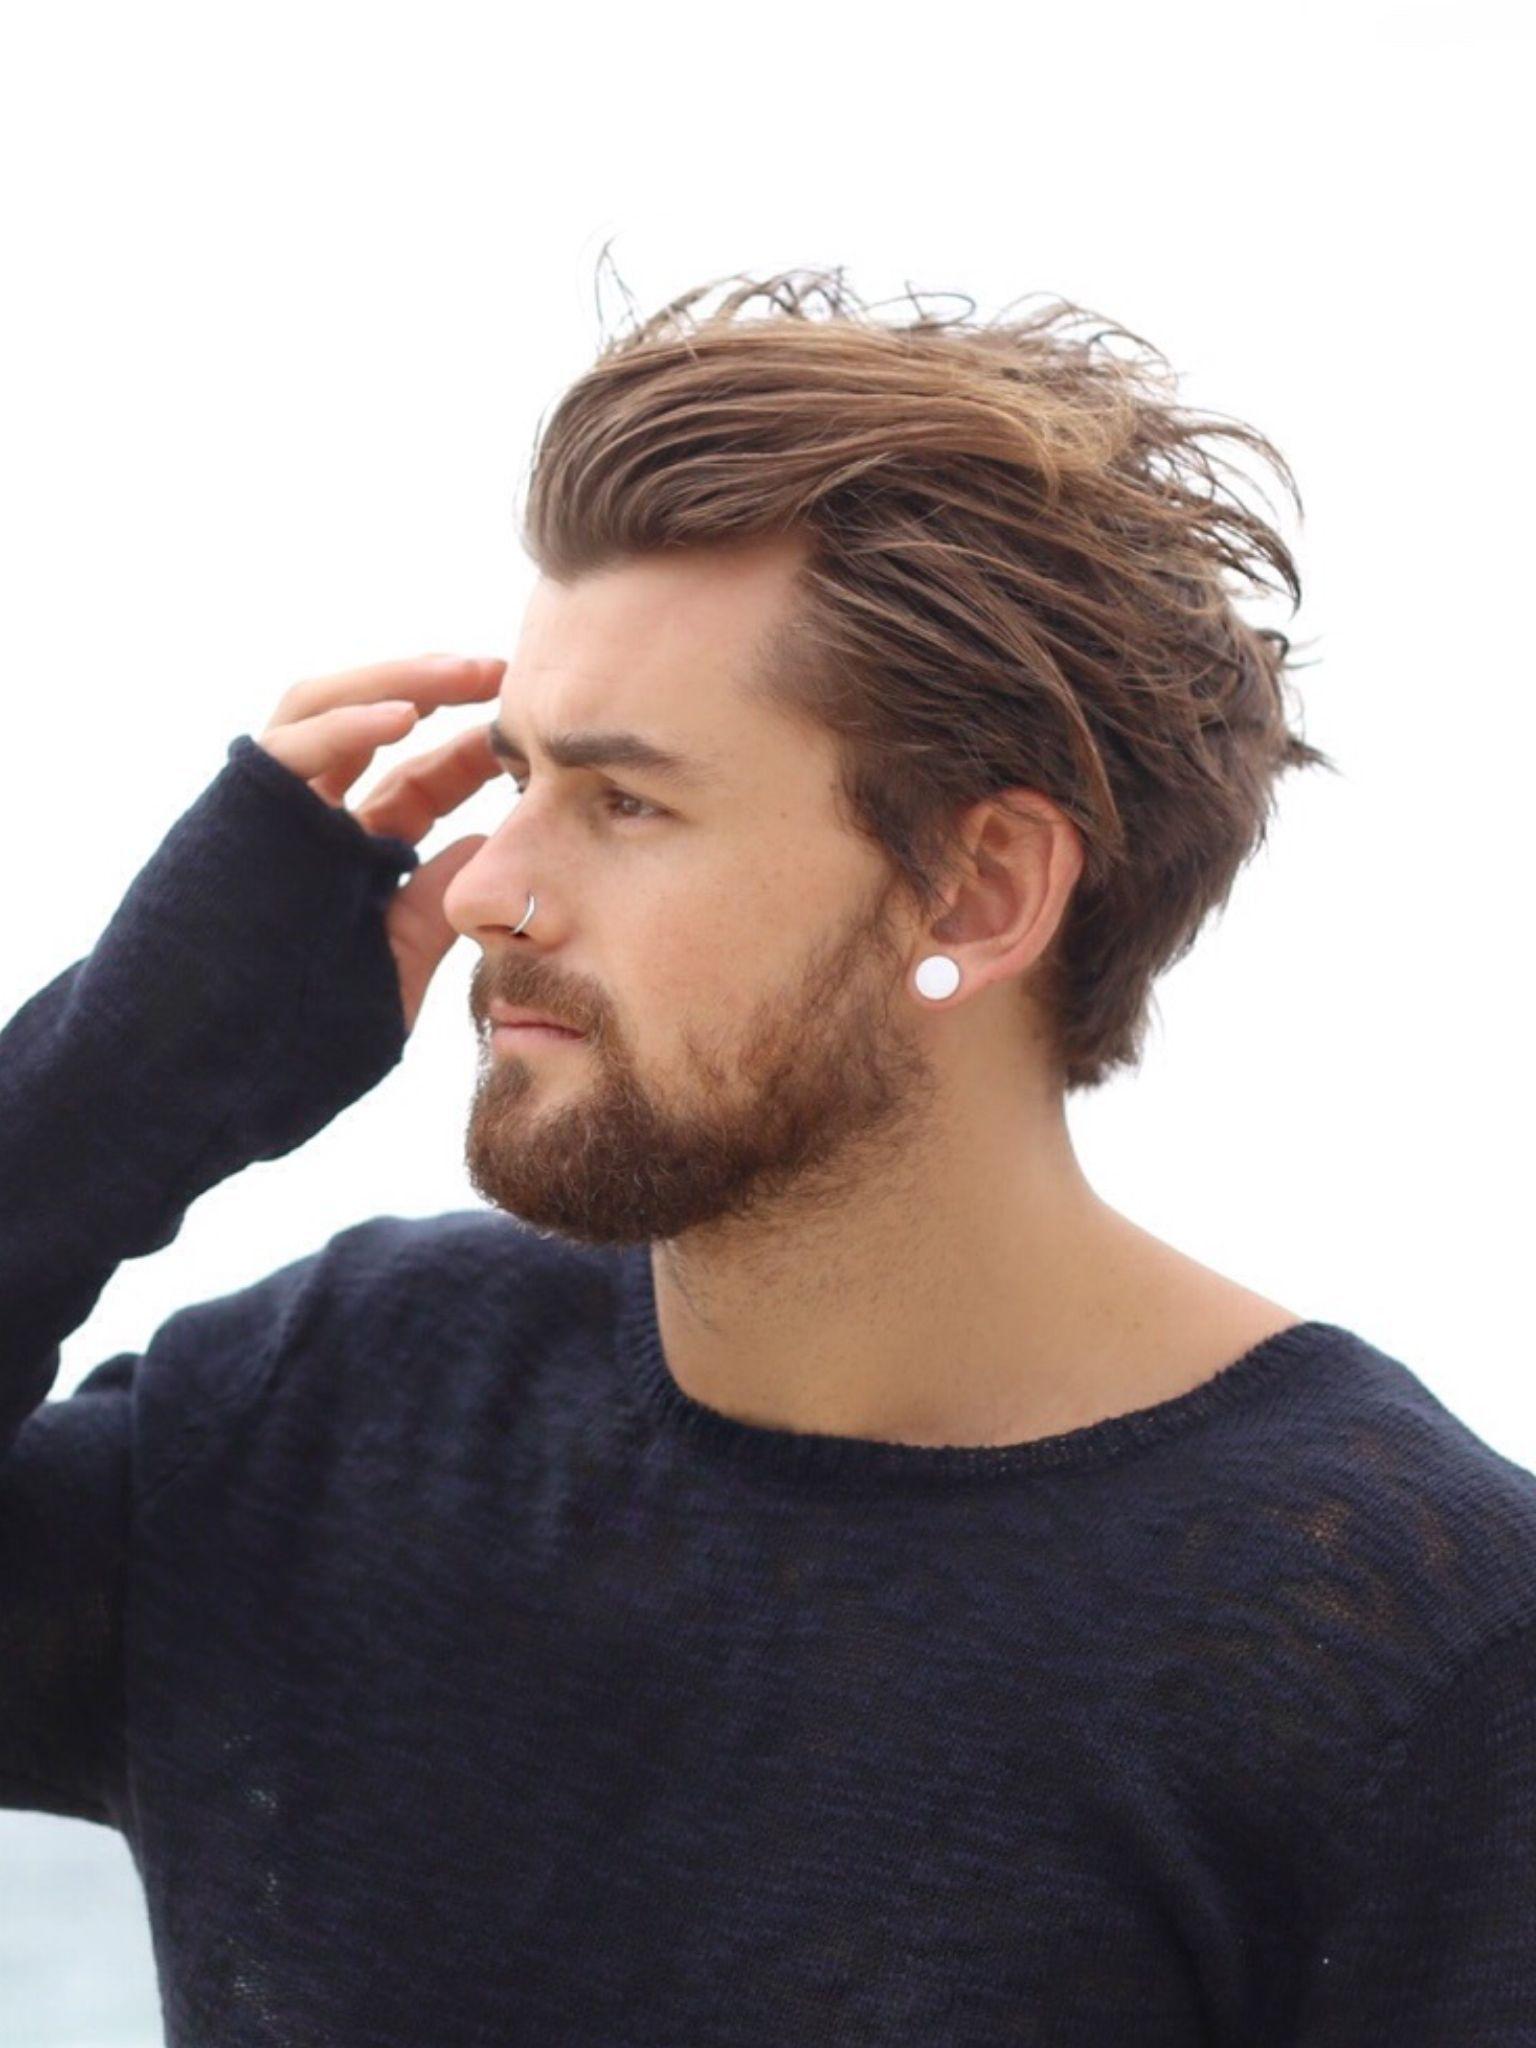 16d31b05b86d25e534e7346964ce8106 Jpg 1536 2048 Menshairstylesmedium Medium Length Mens Haircuts Mens Hairstyles Medium Thick Hair Styles